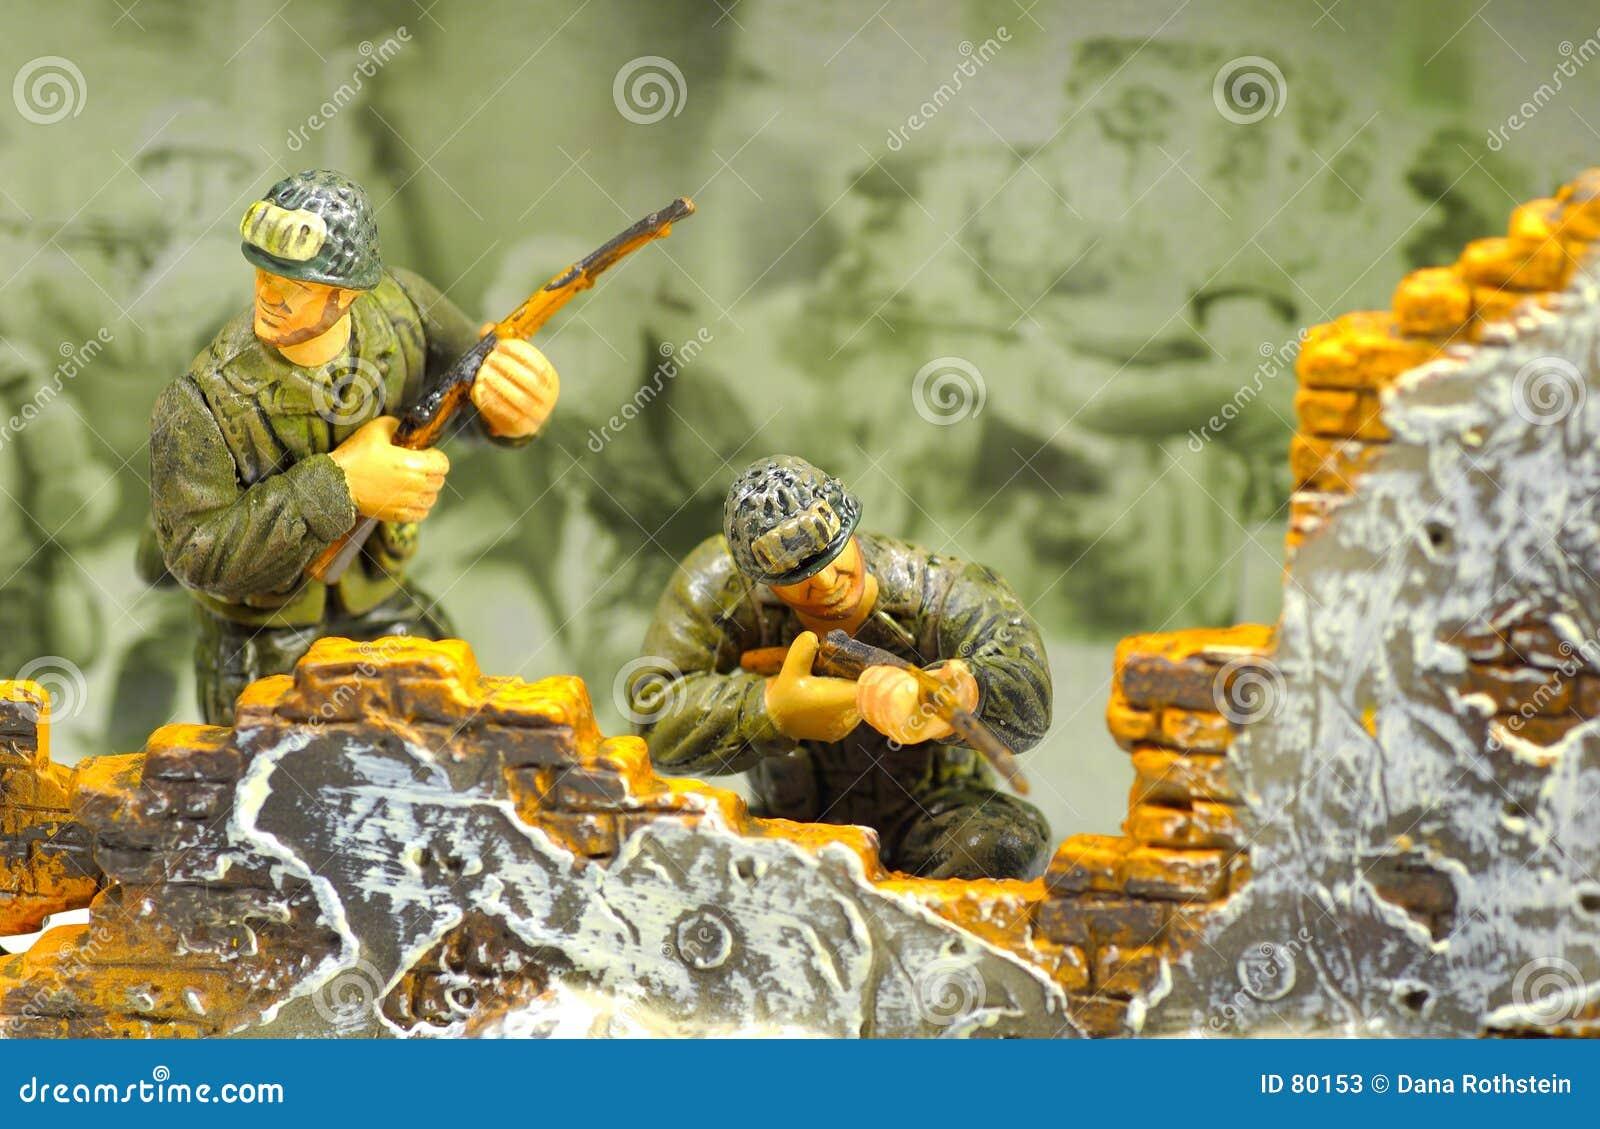 Spielzeug-Soldaten 2